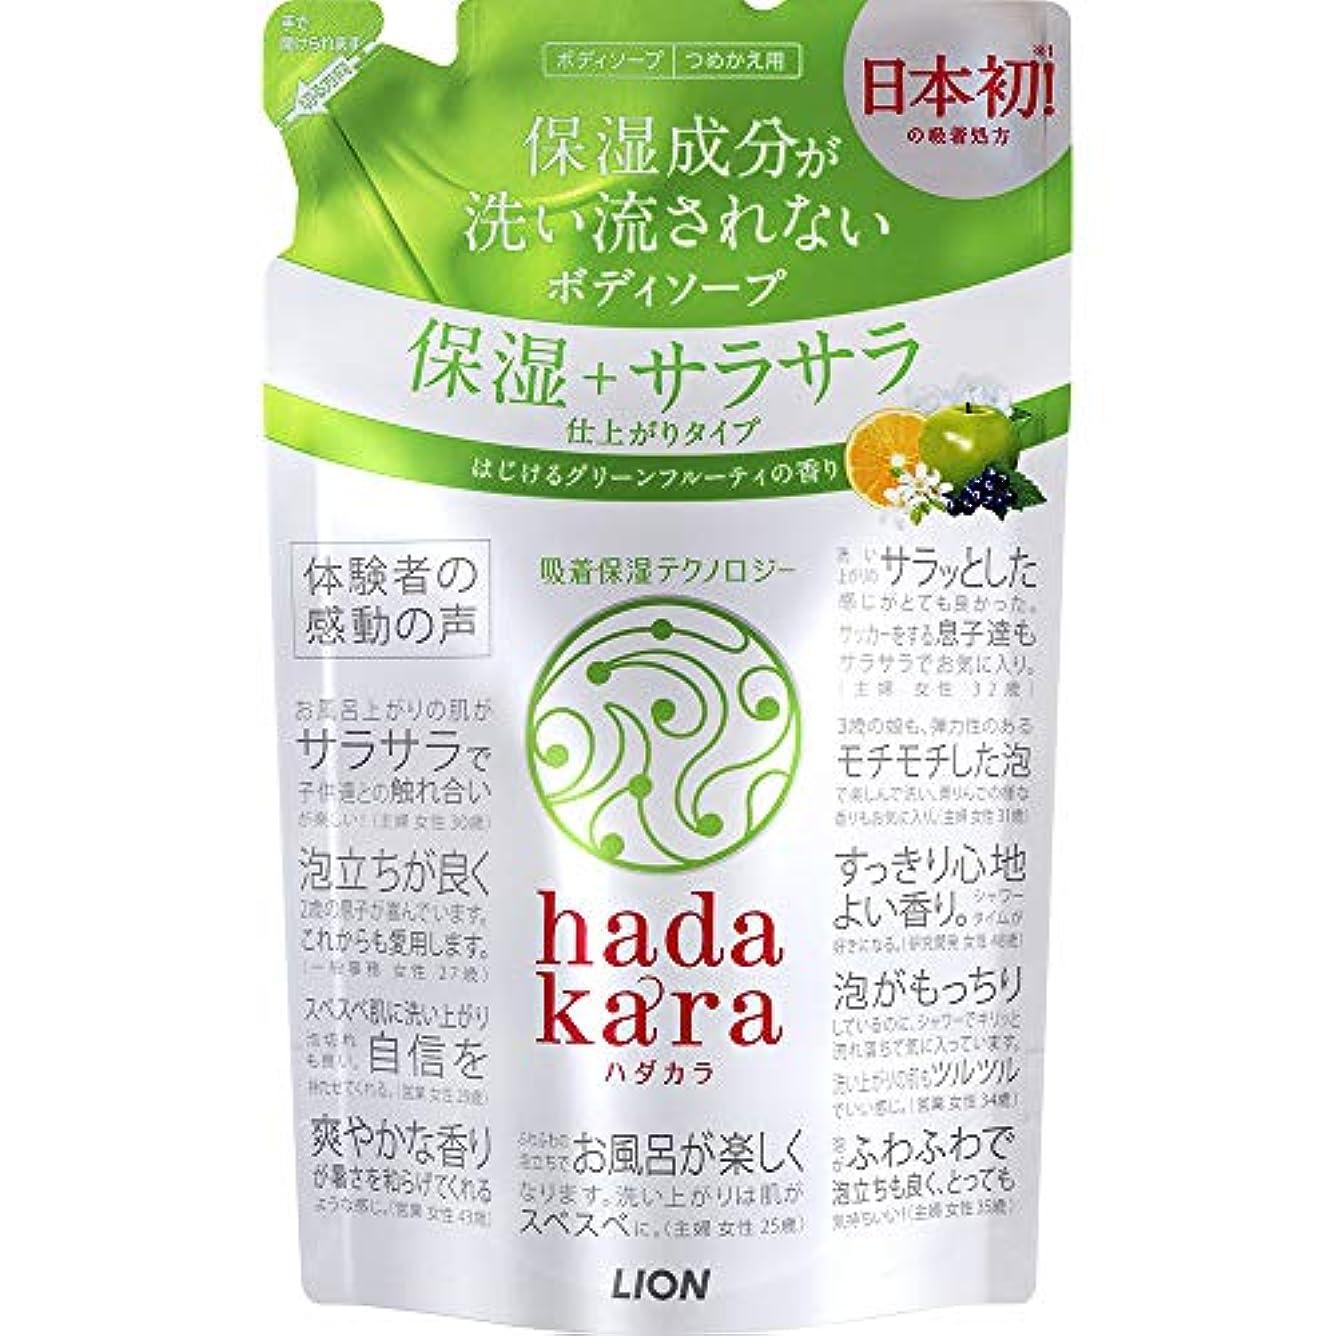 半導体花束テクトニックhadakara(ハダカラ) ボディソープ 保湿+サラサラ仕上がりタイプ グリーンフルーティの香り 詰め替え 340ml